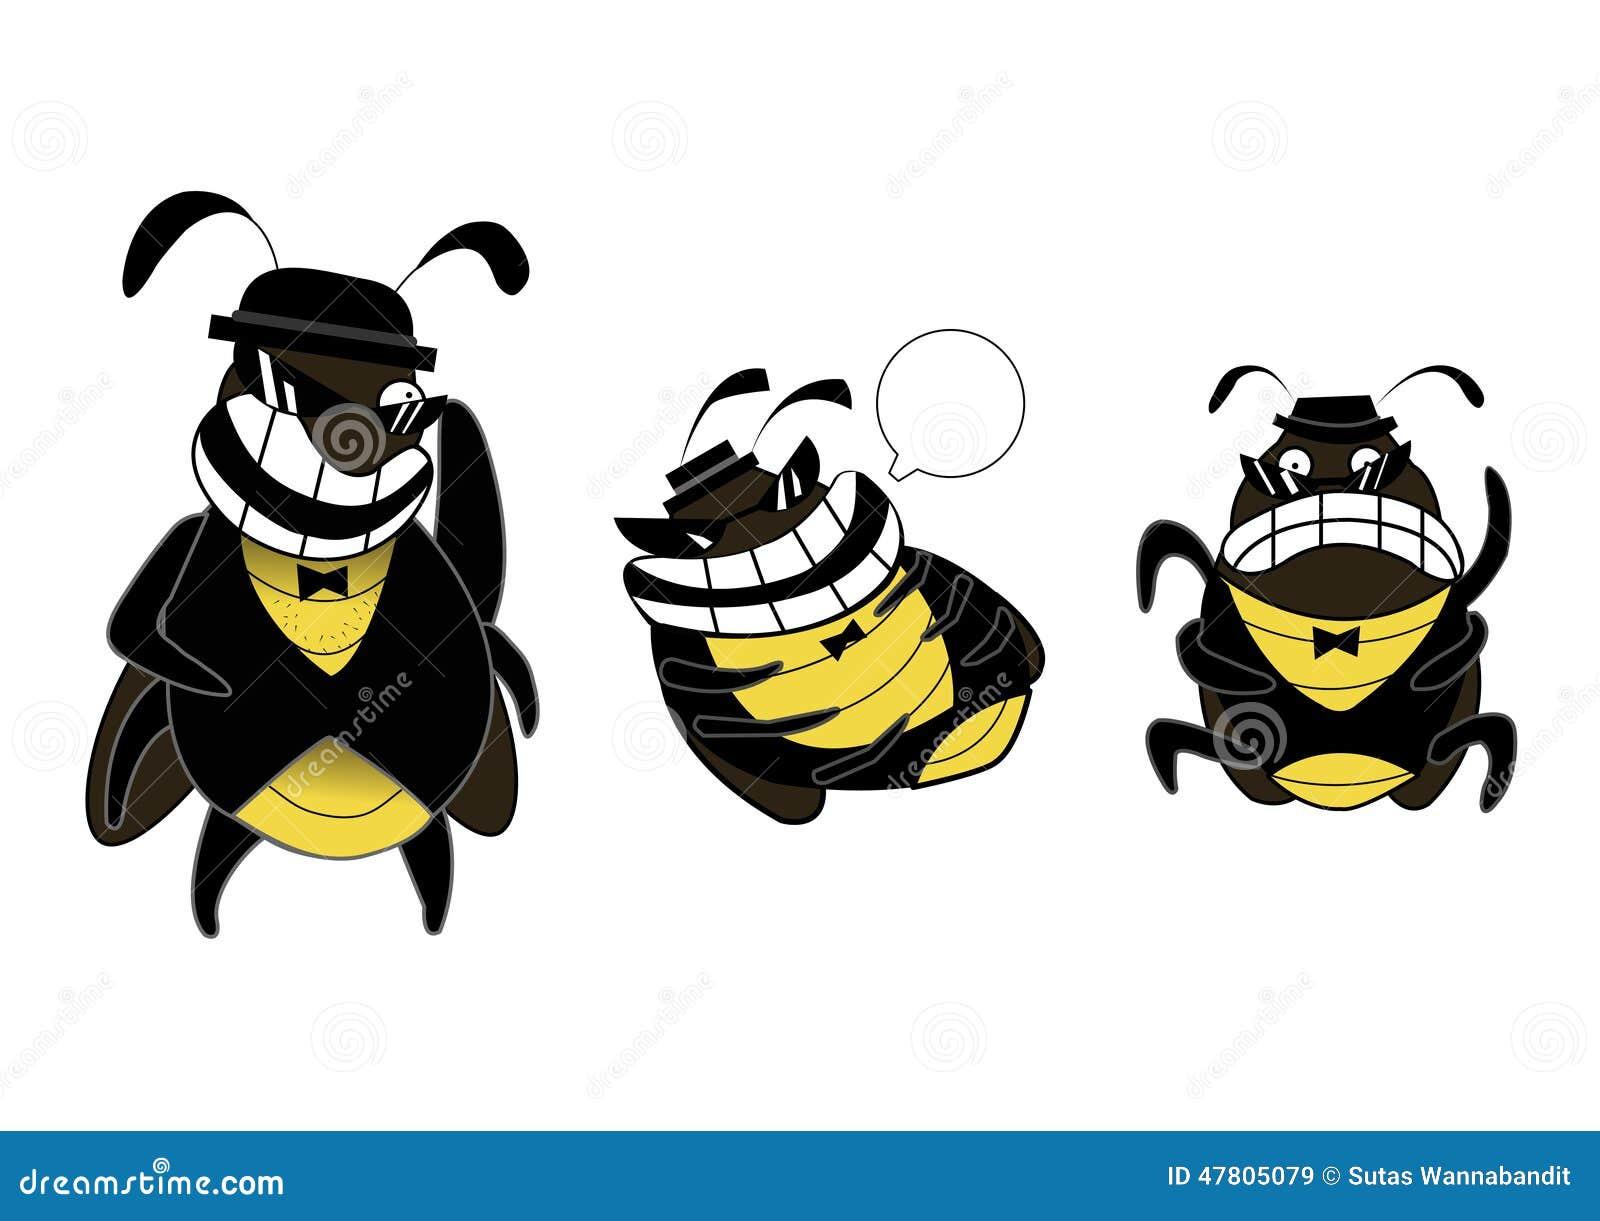 滑稽的蟑螂帮会情感动画片.图片